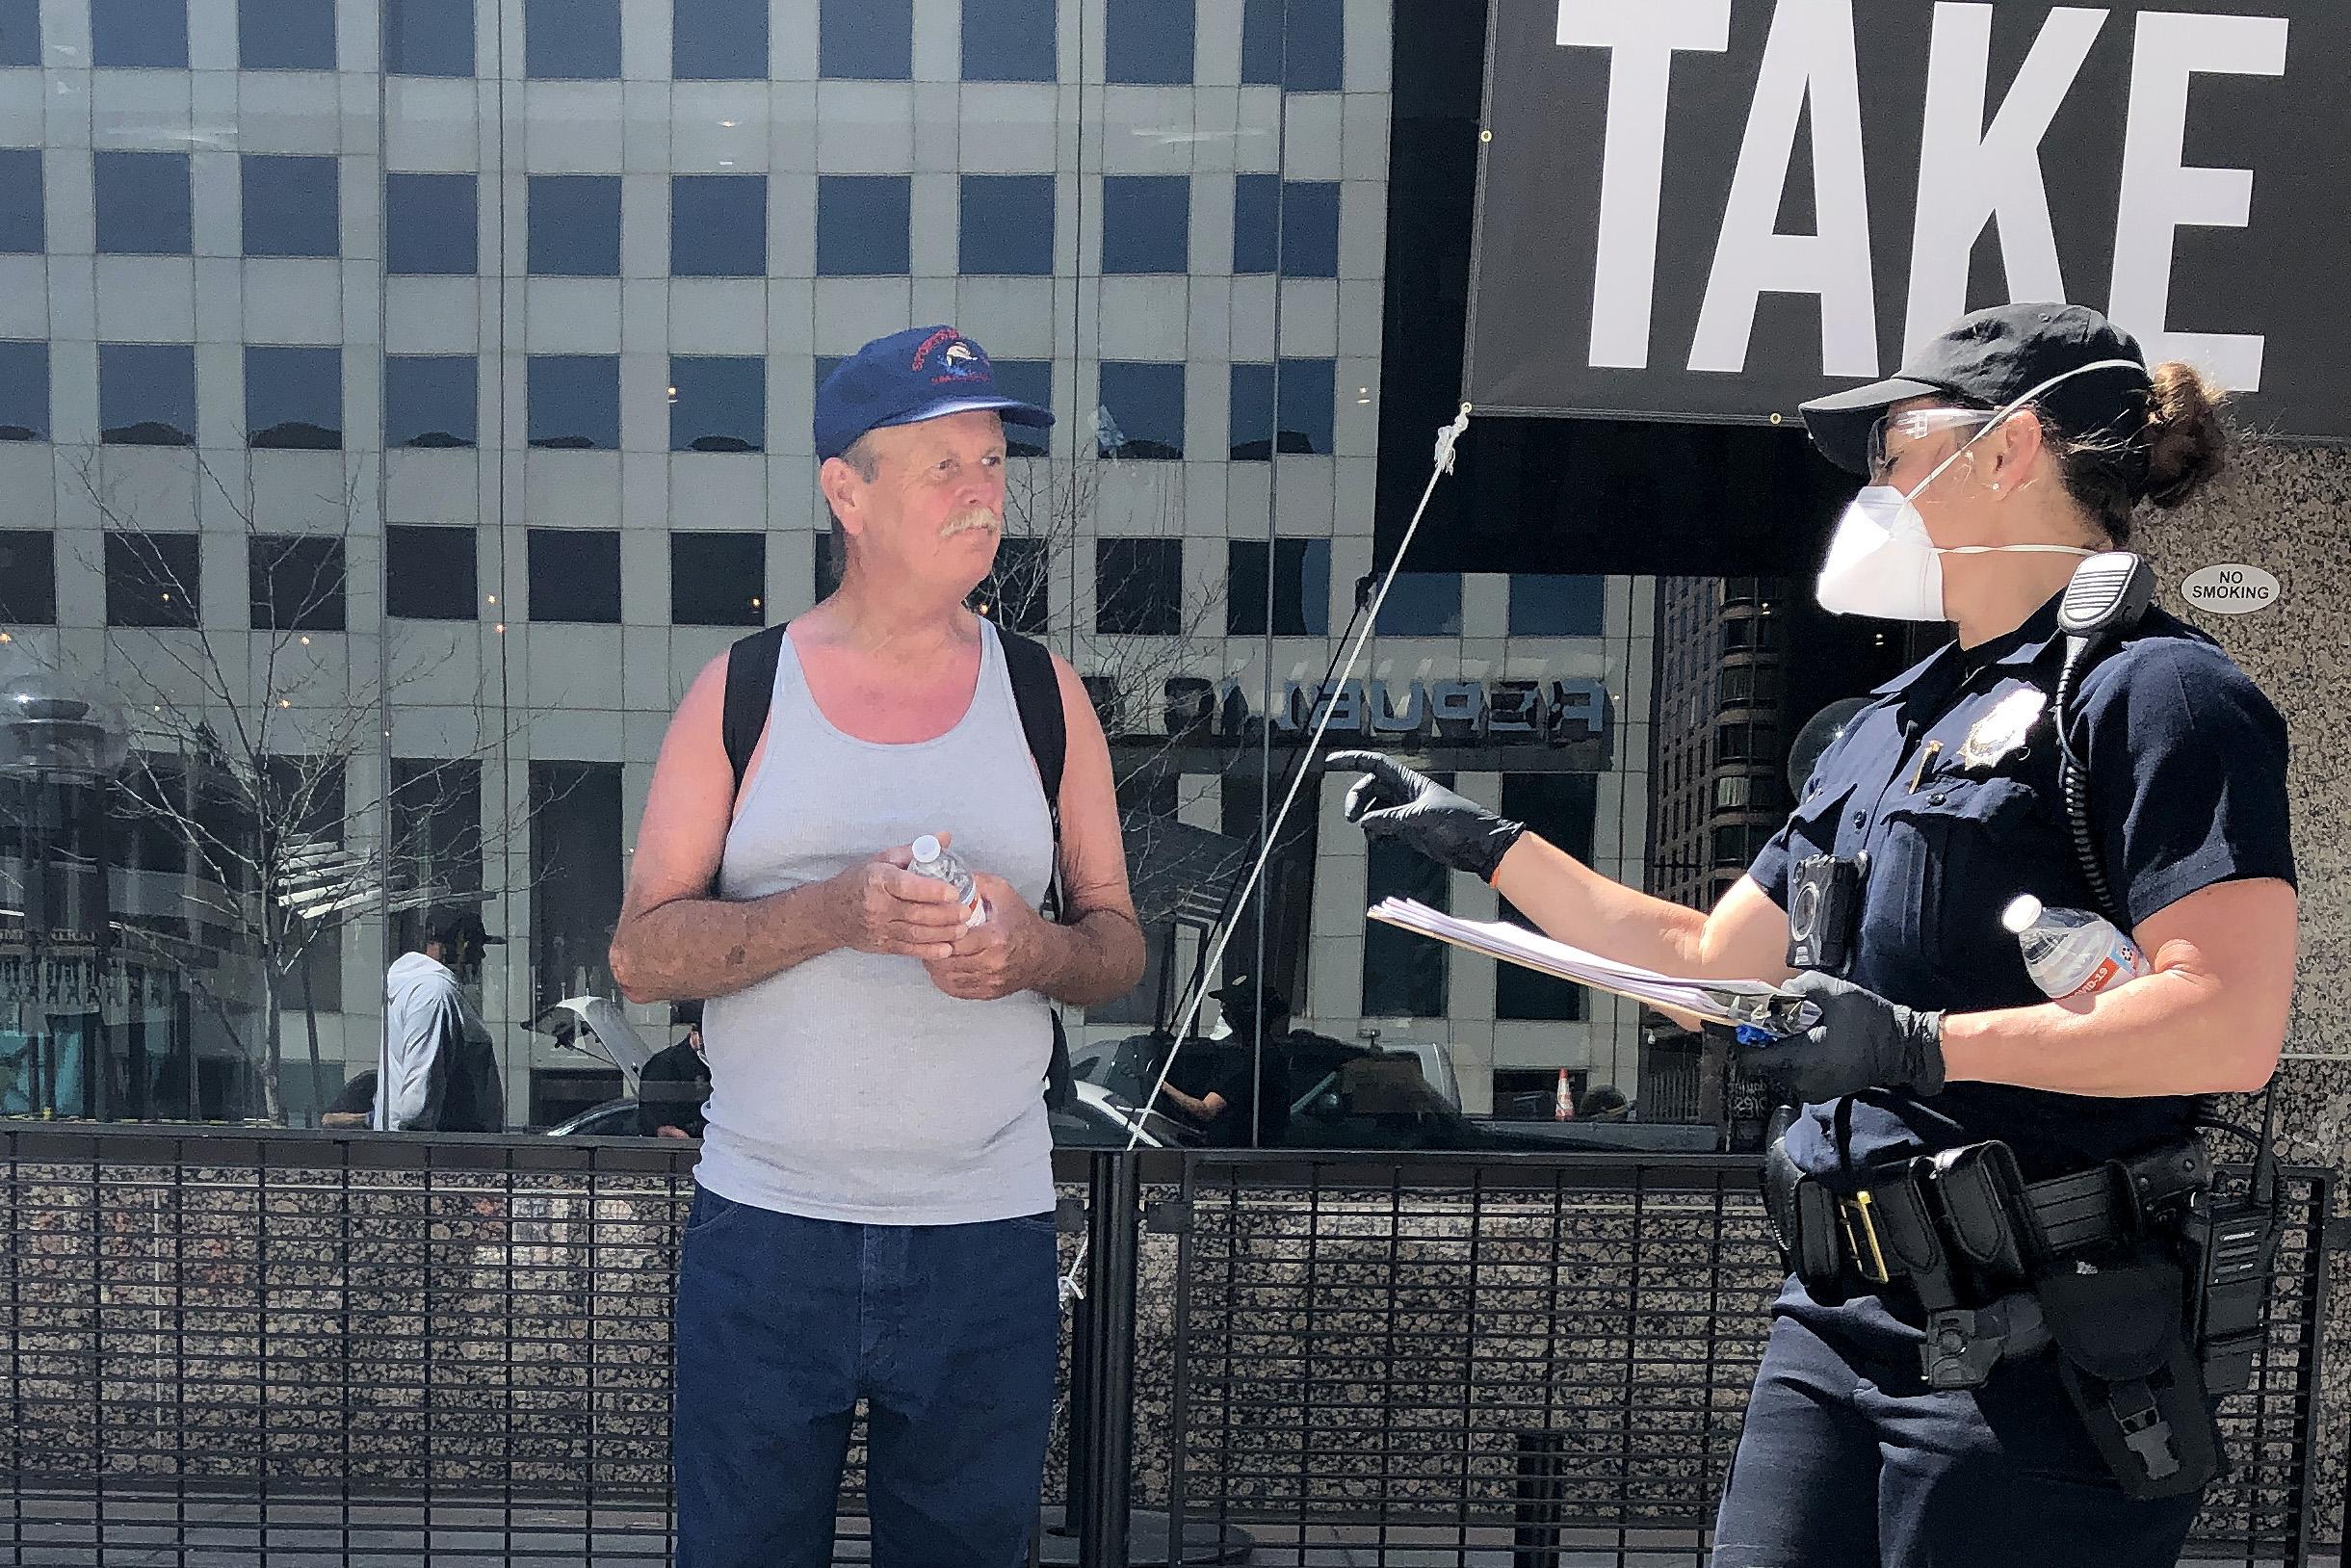 Denver Officer Teresa Gillian, in face mask, handing out water on April 7, 2020.